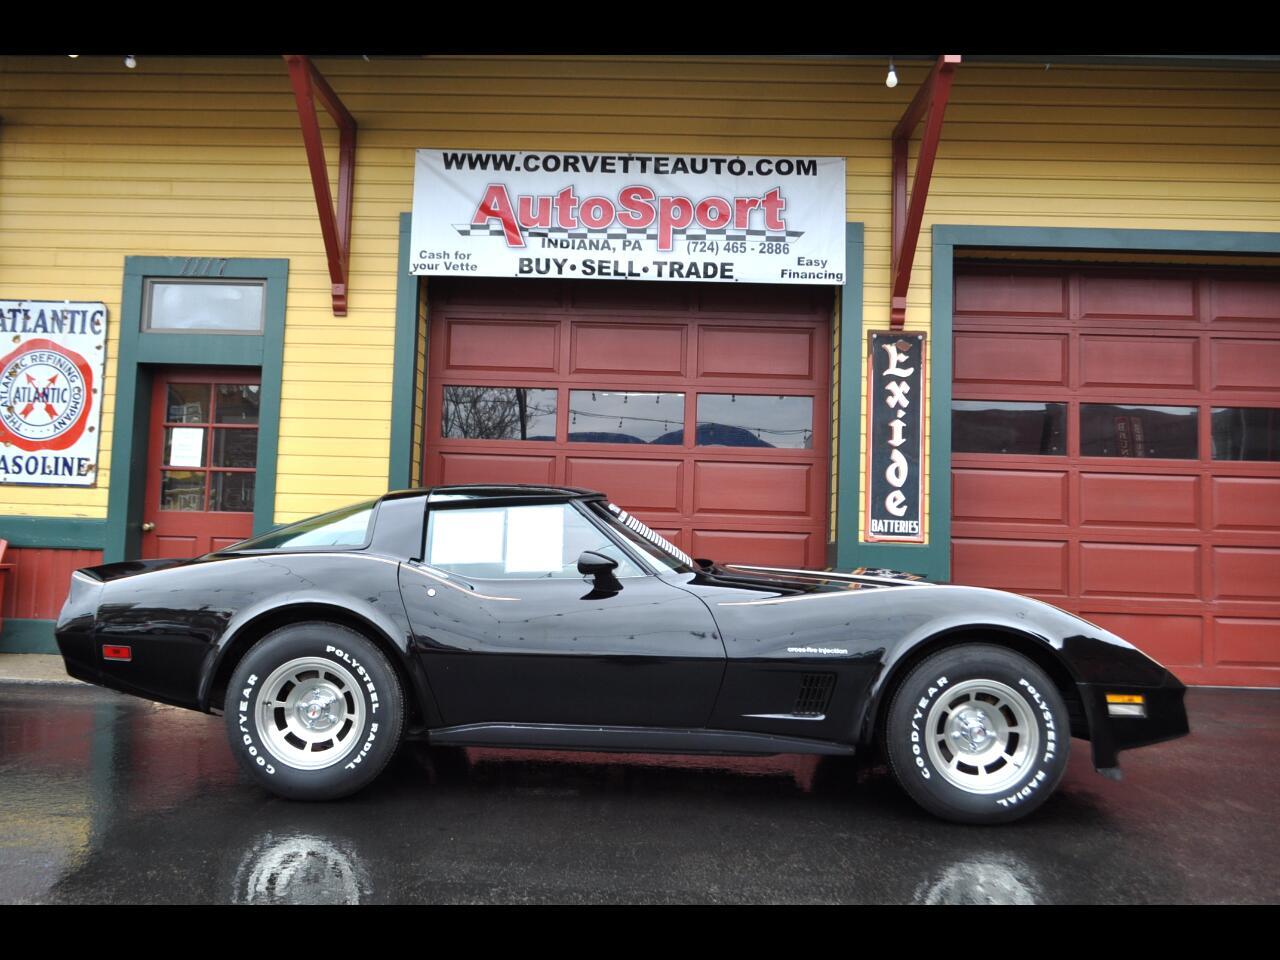 1982 Chevrolet Corvette 1 owner 4k org miles org docs stunning Corvette